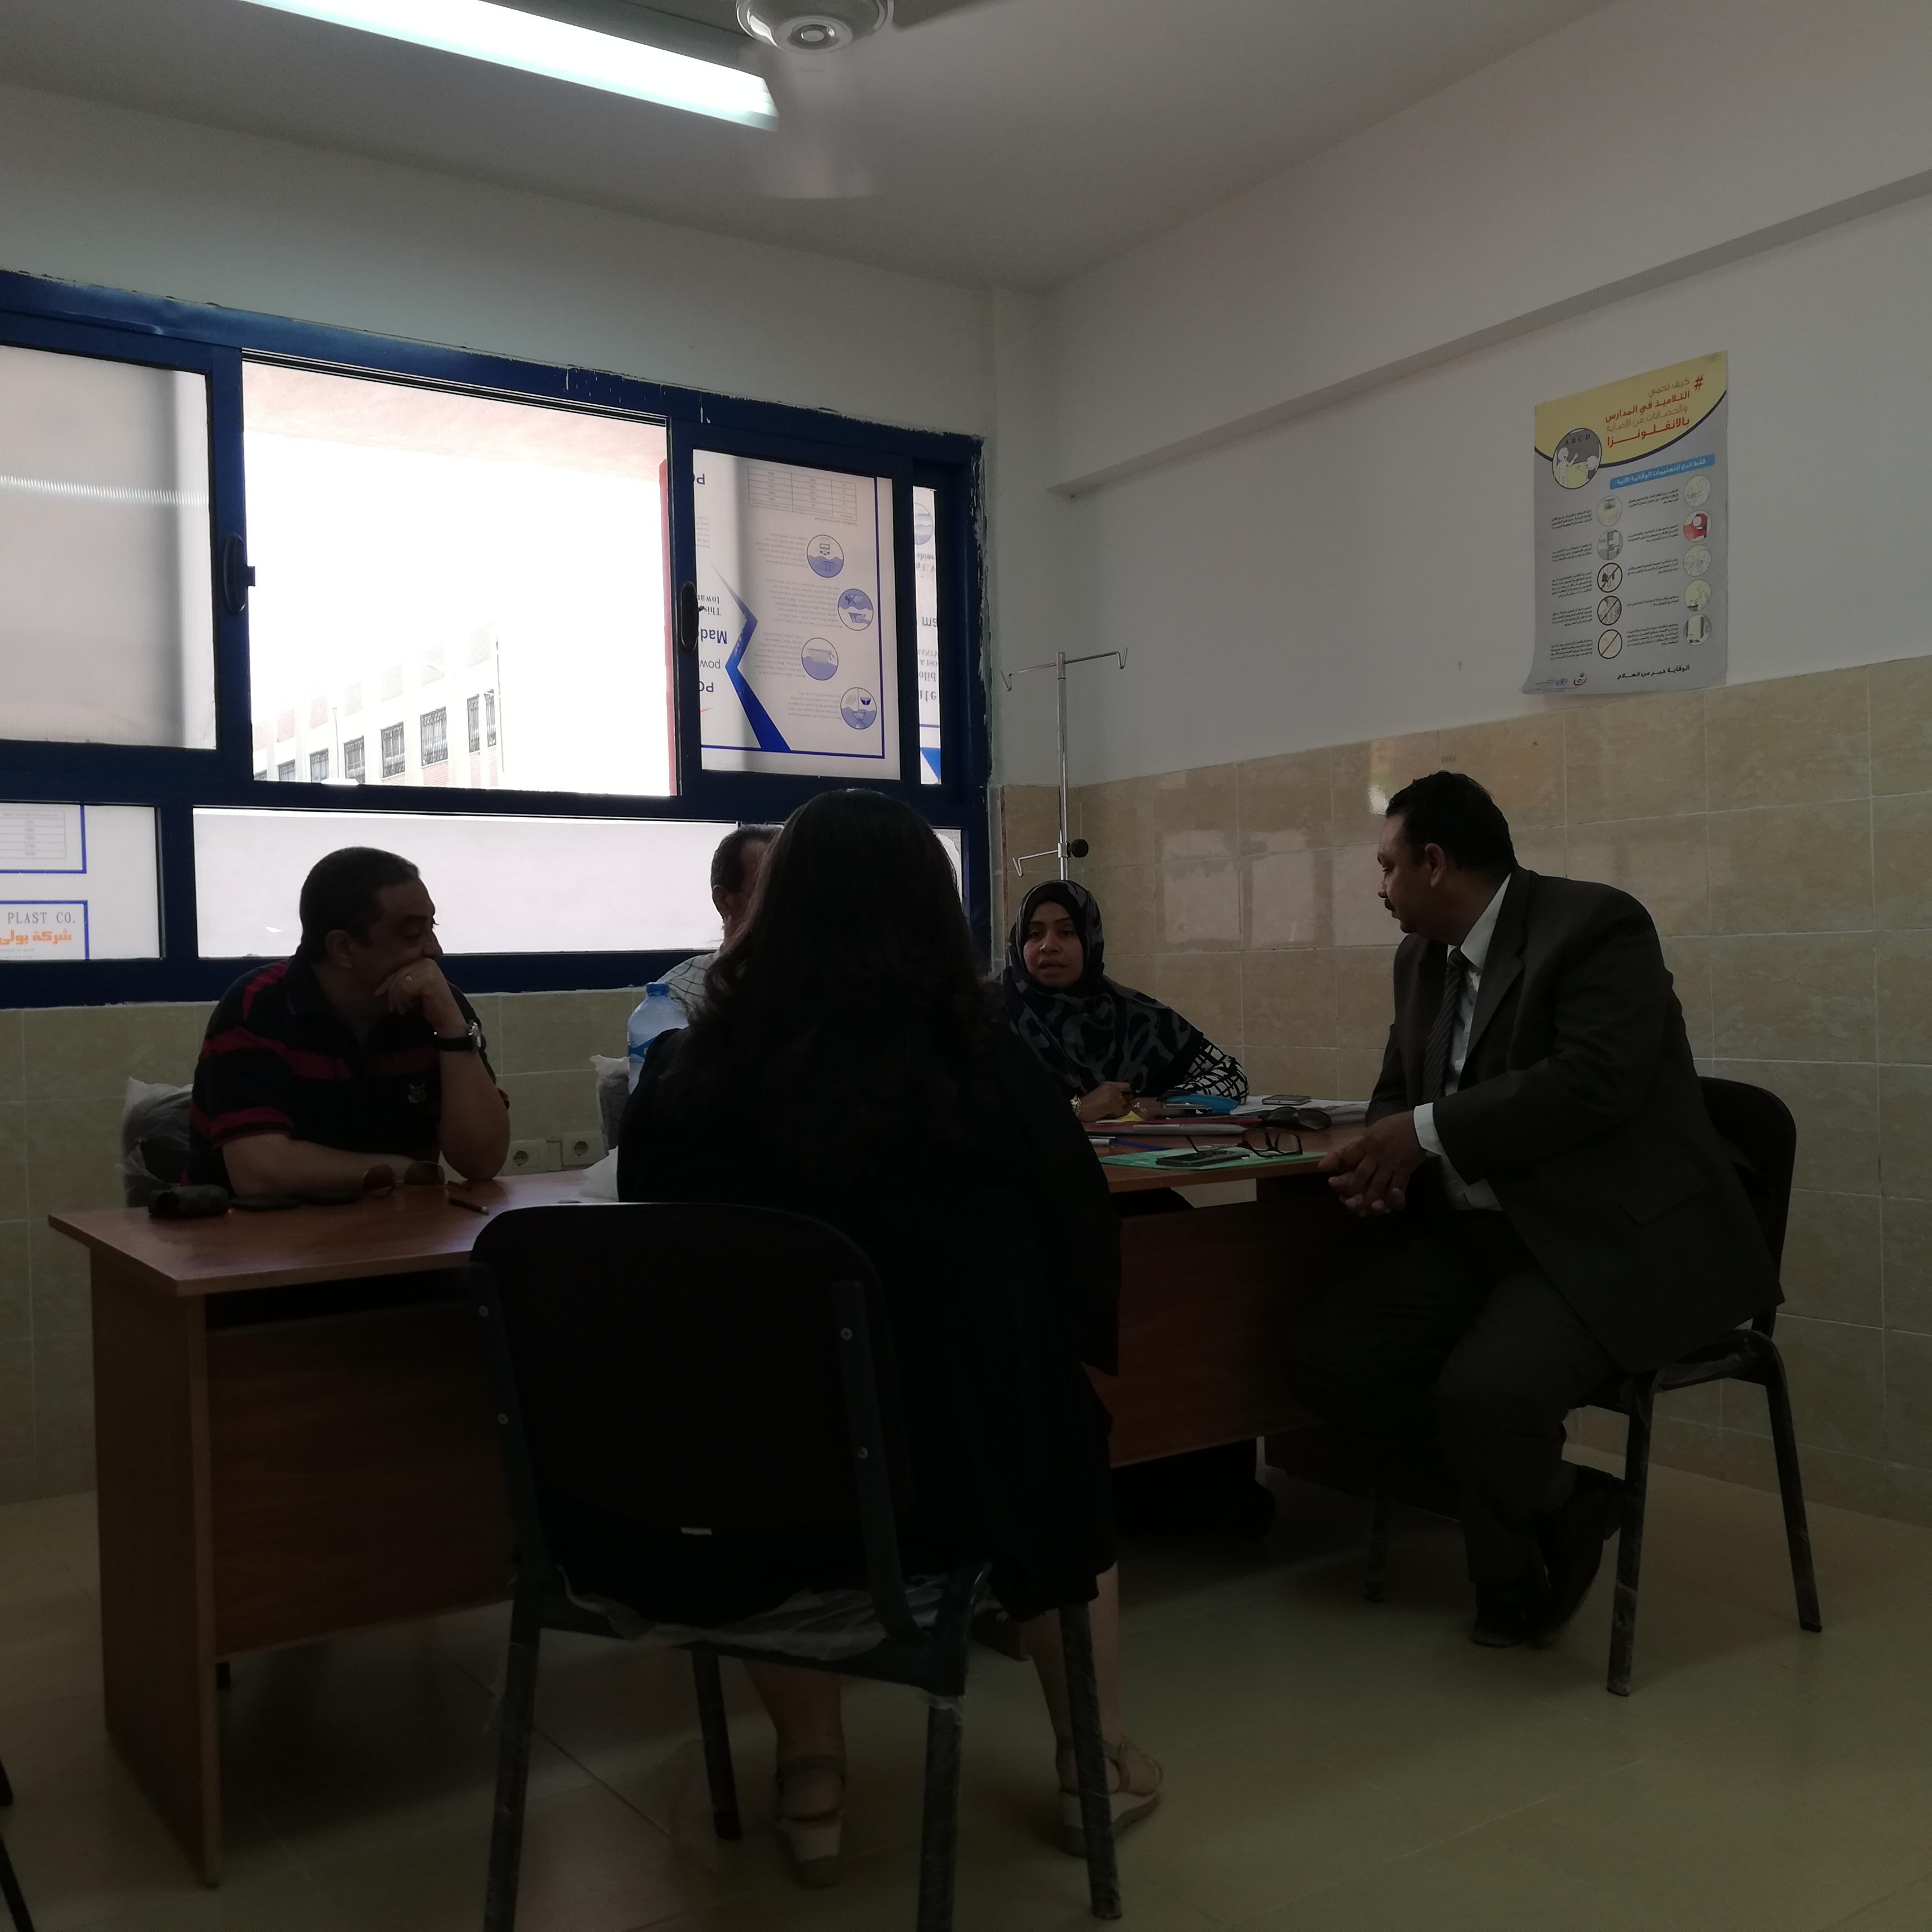 لجنة المقابلات الشخصية بالمدارس اليابانية بالغردقة (2)